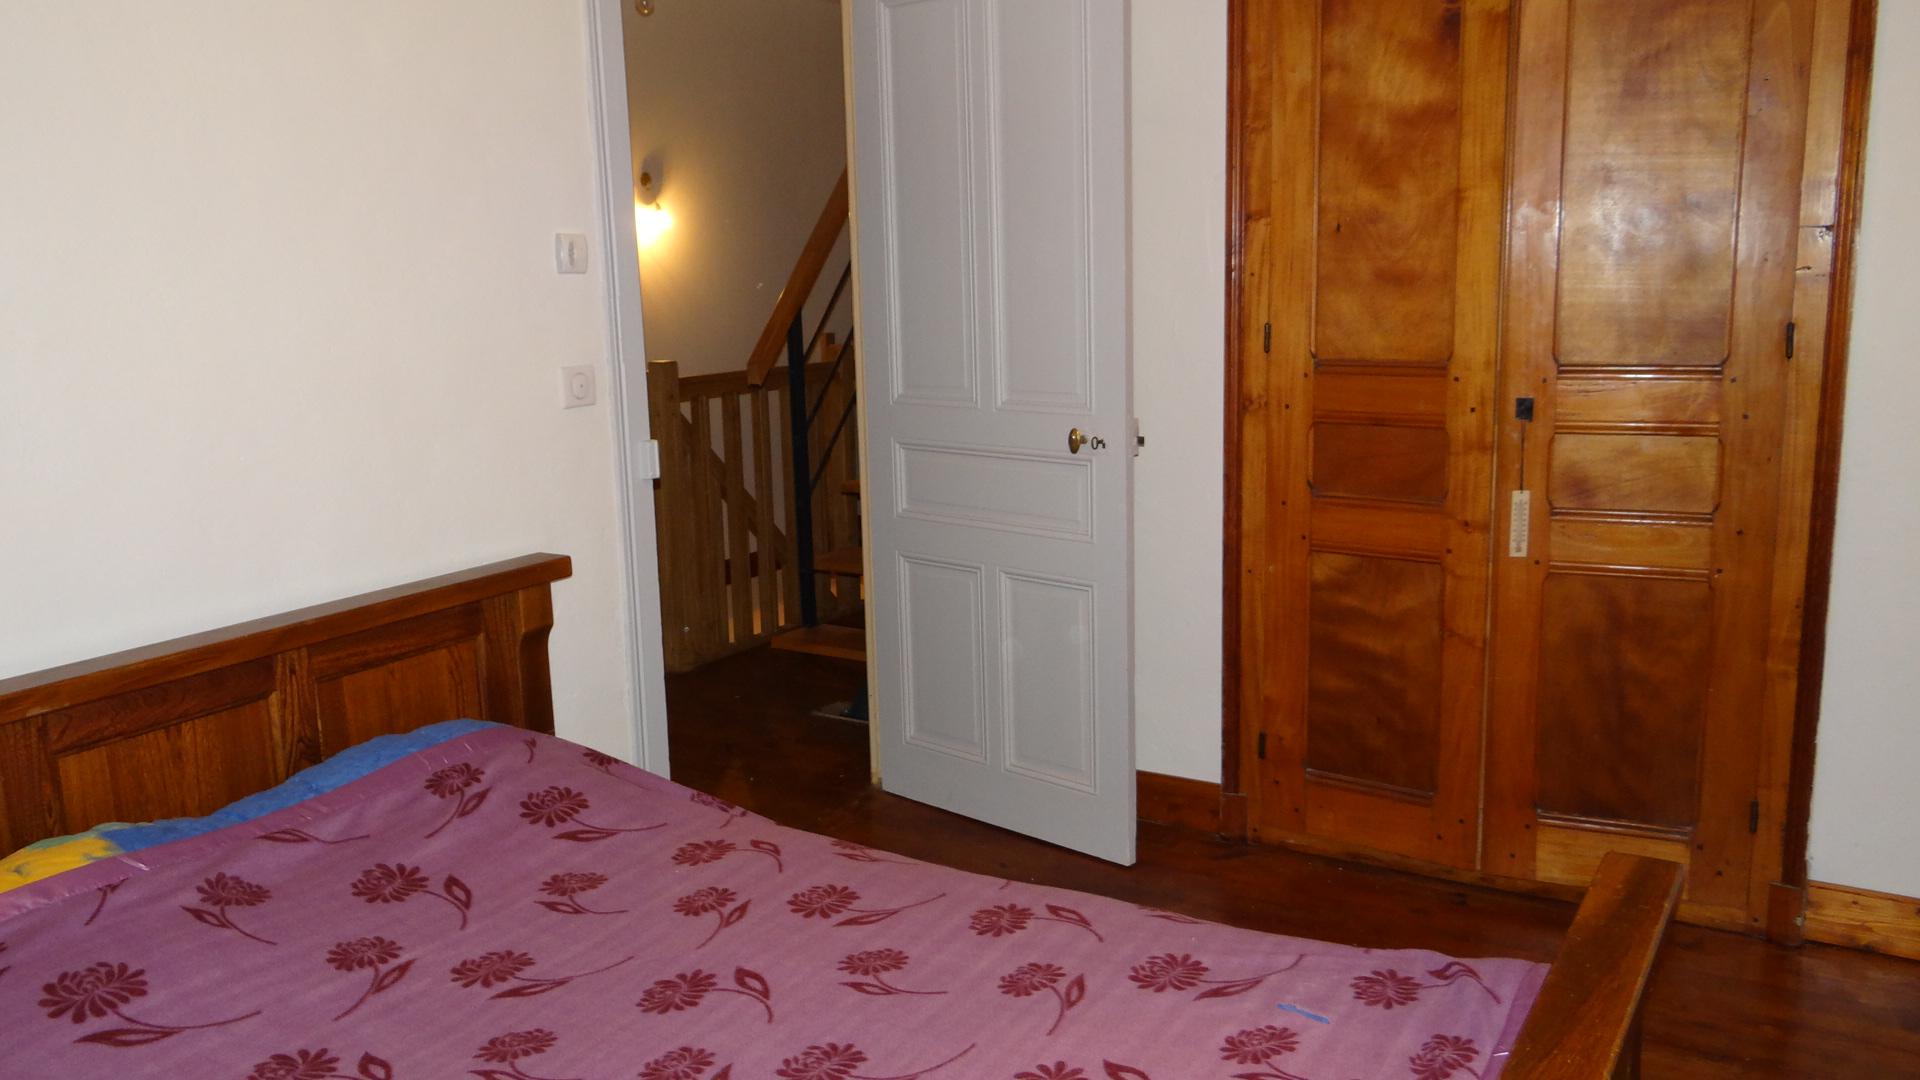 palatin corinne et maurice la maison du chat savoie. Black Bedroom Furniture Sets. Home Design Ideas